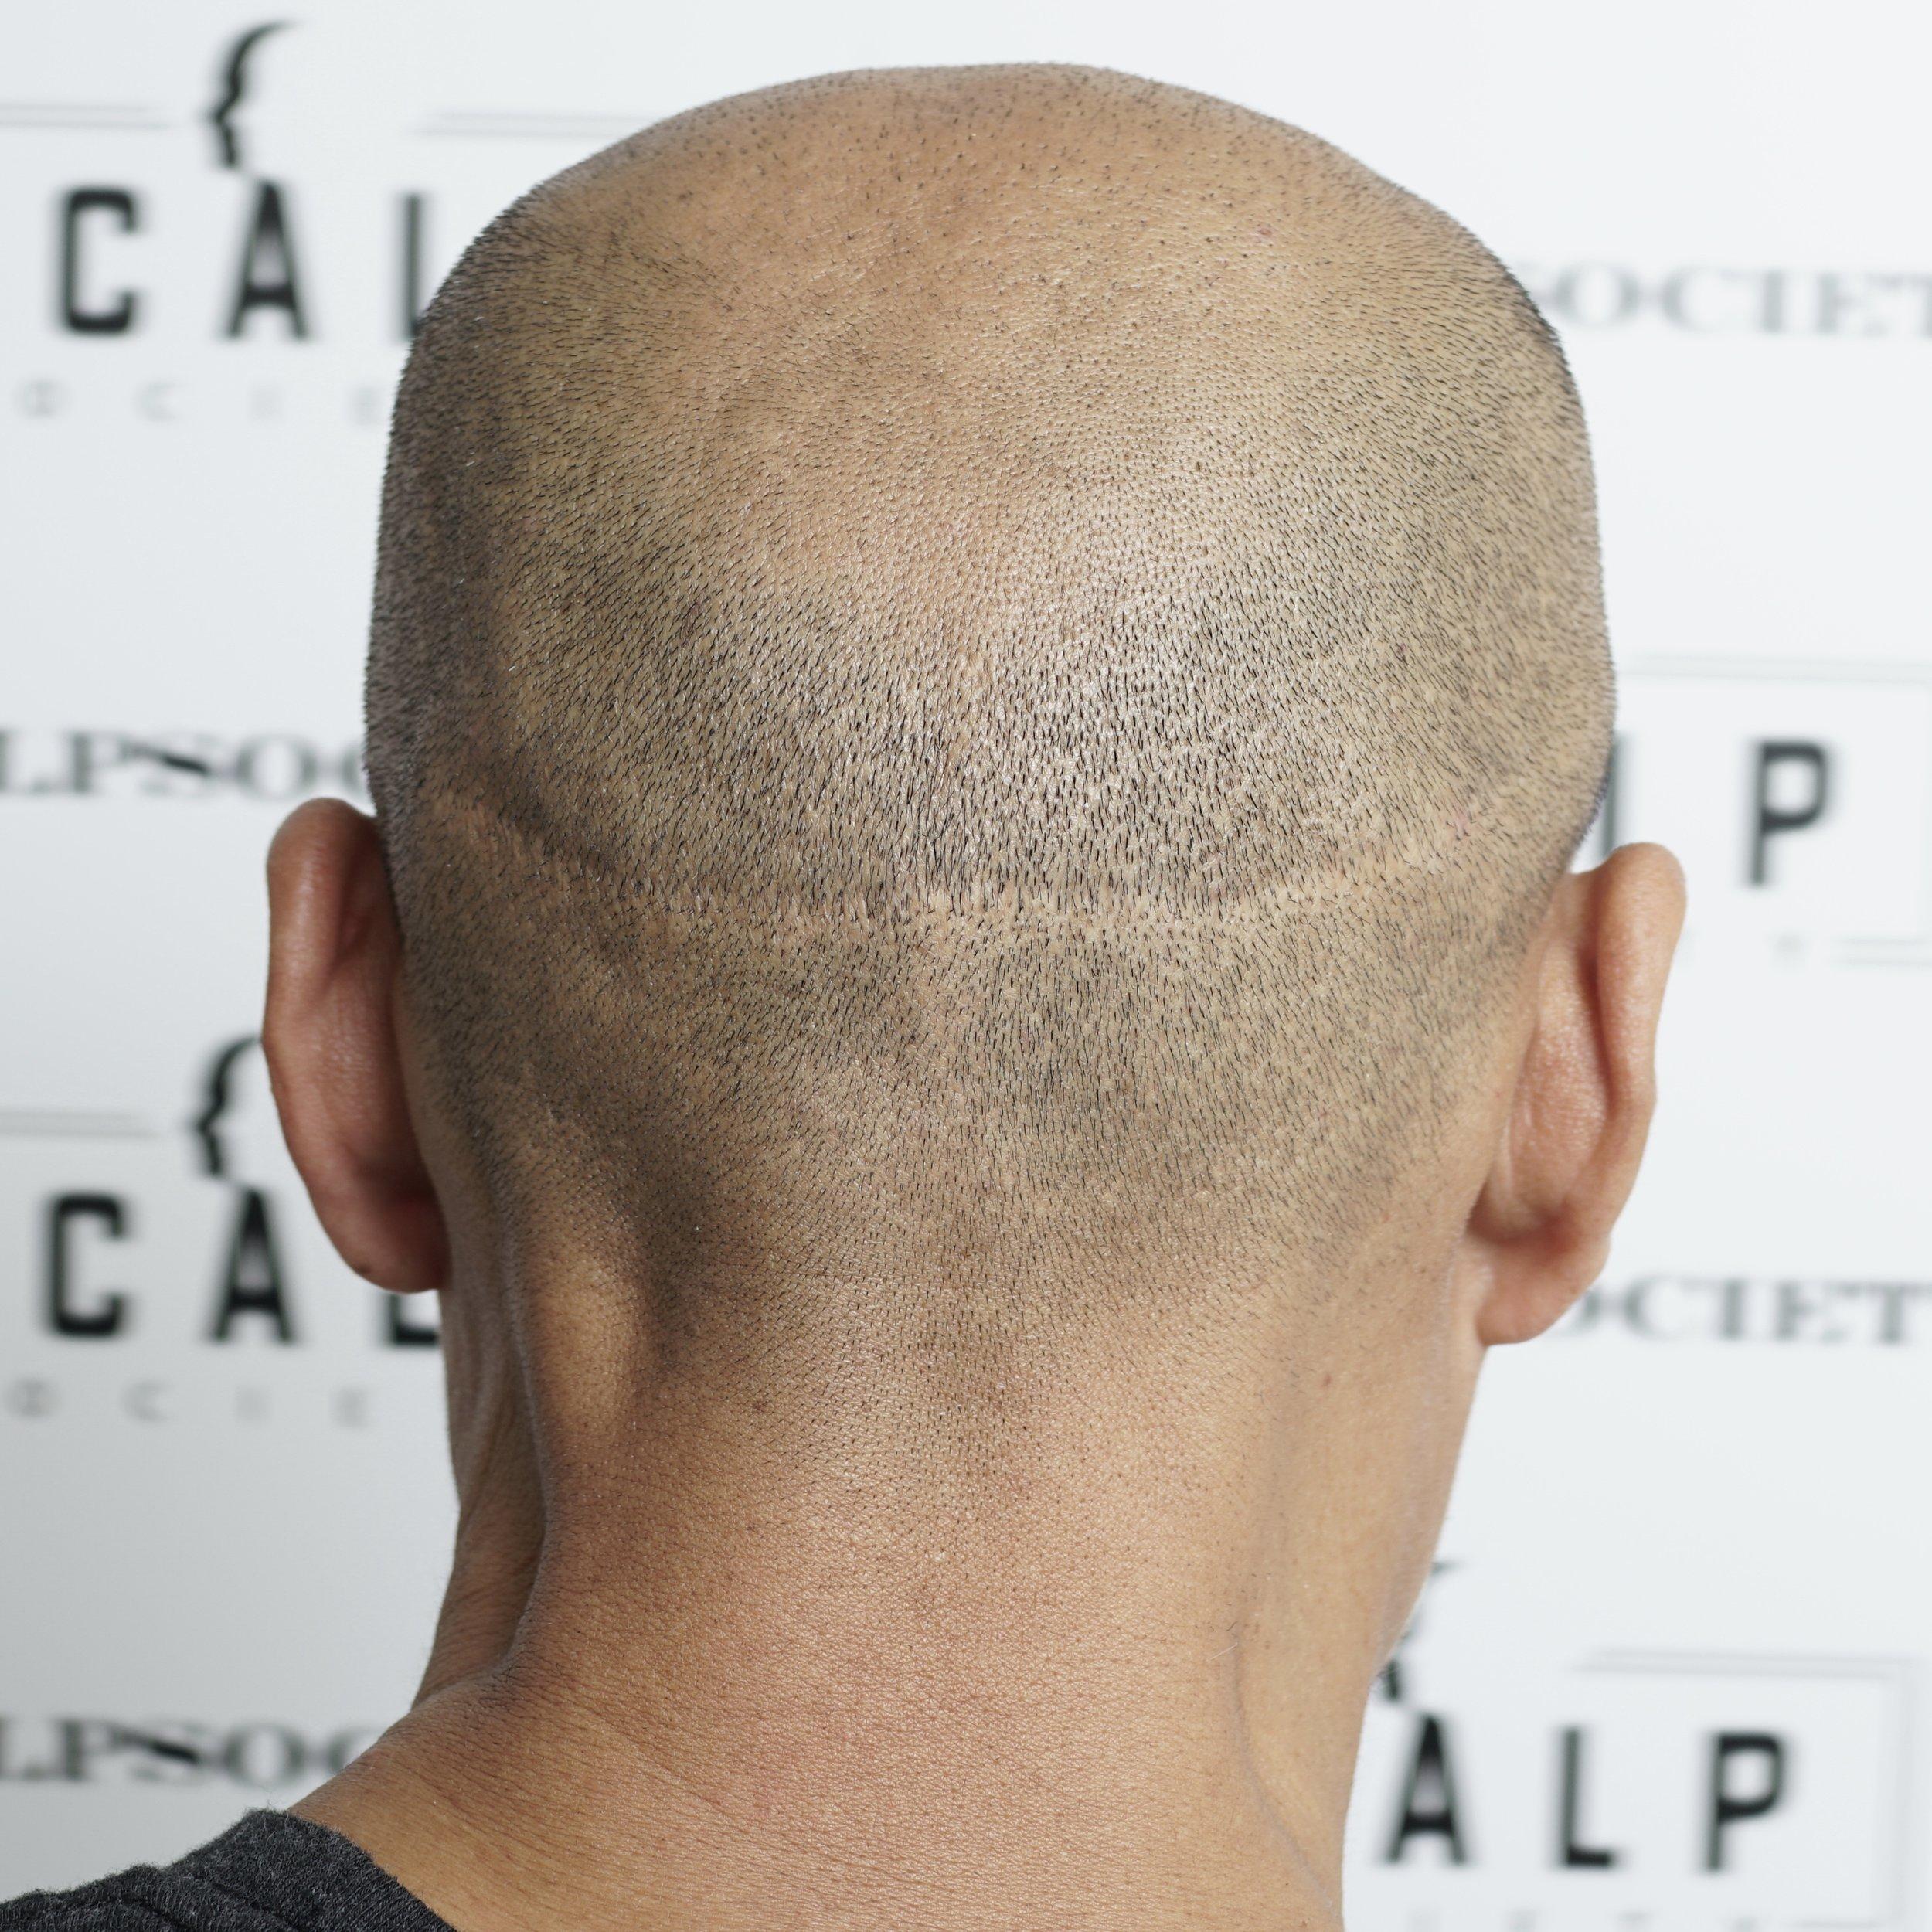 Fut-scar.jpg